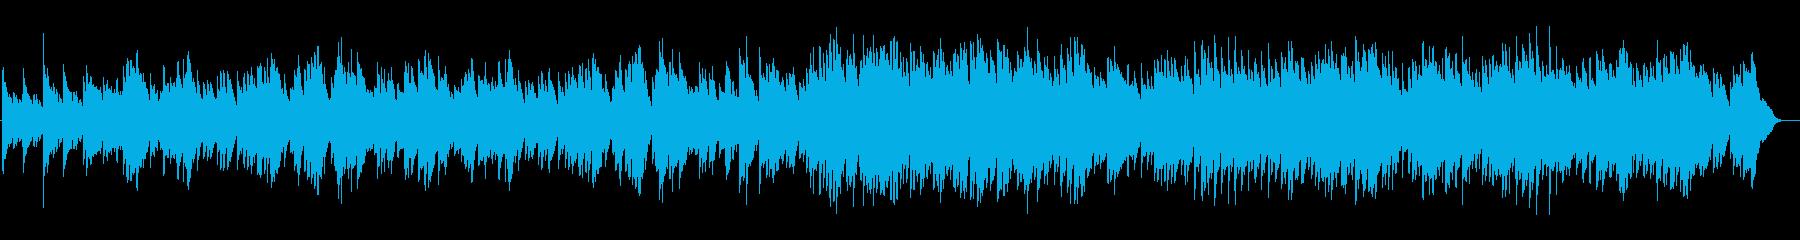 センチメンタルな感じのピアノインストの再生済みの波形